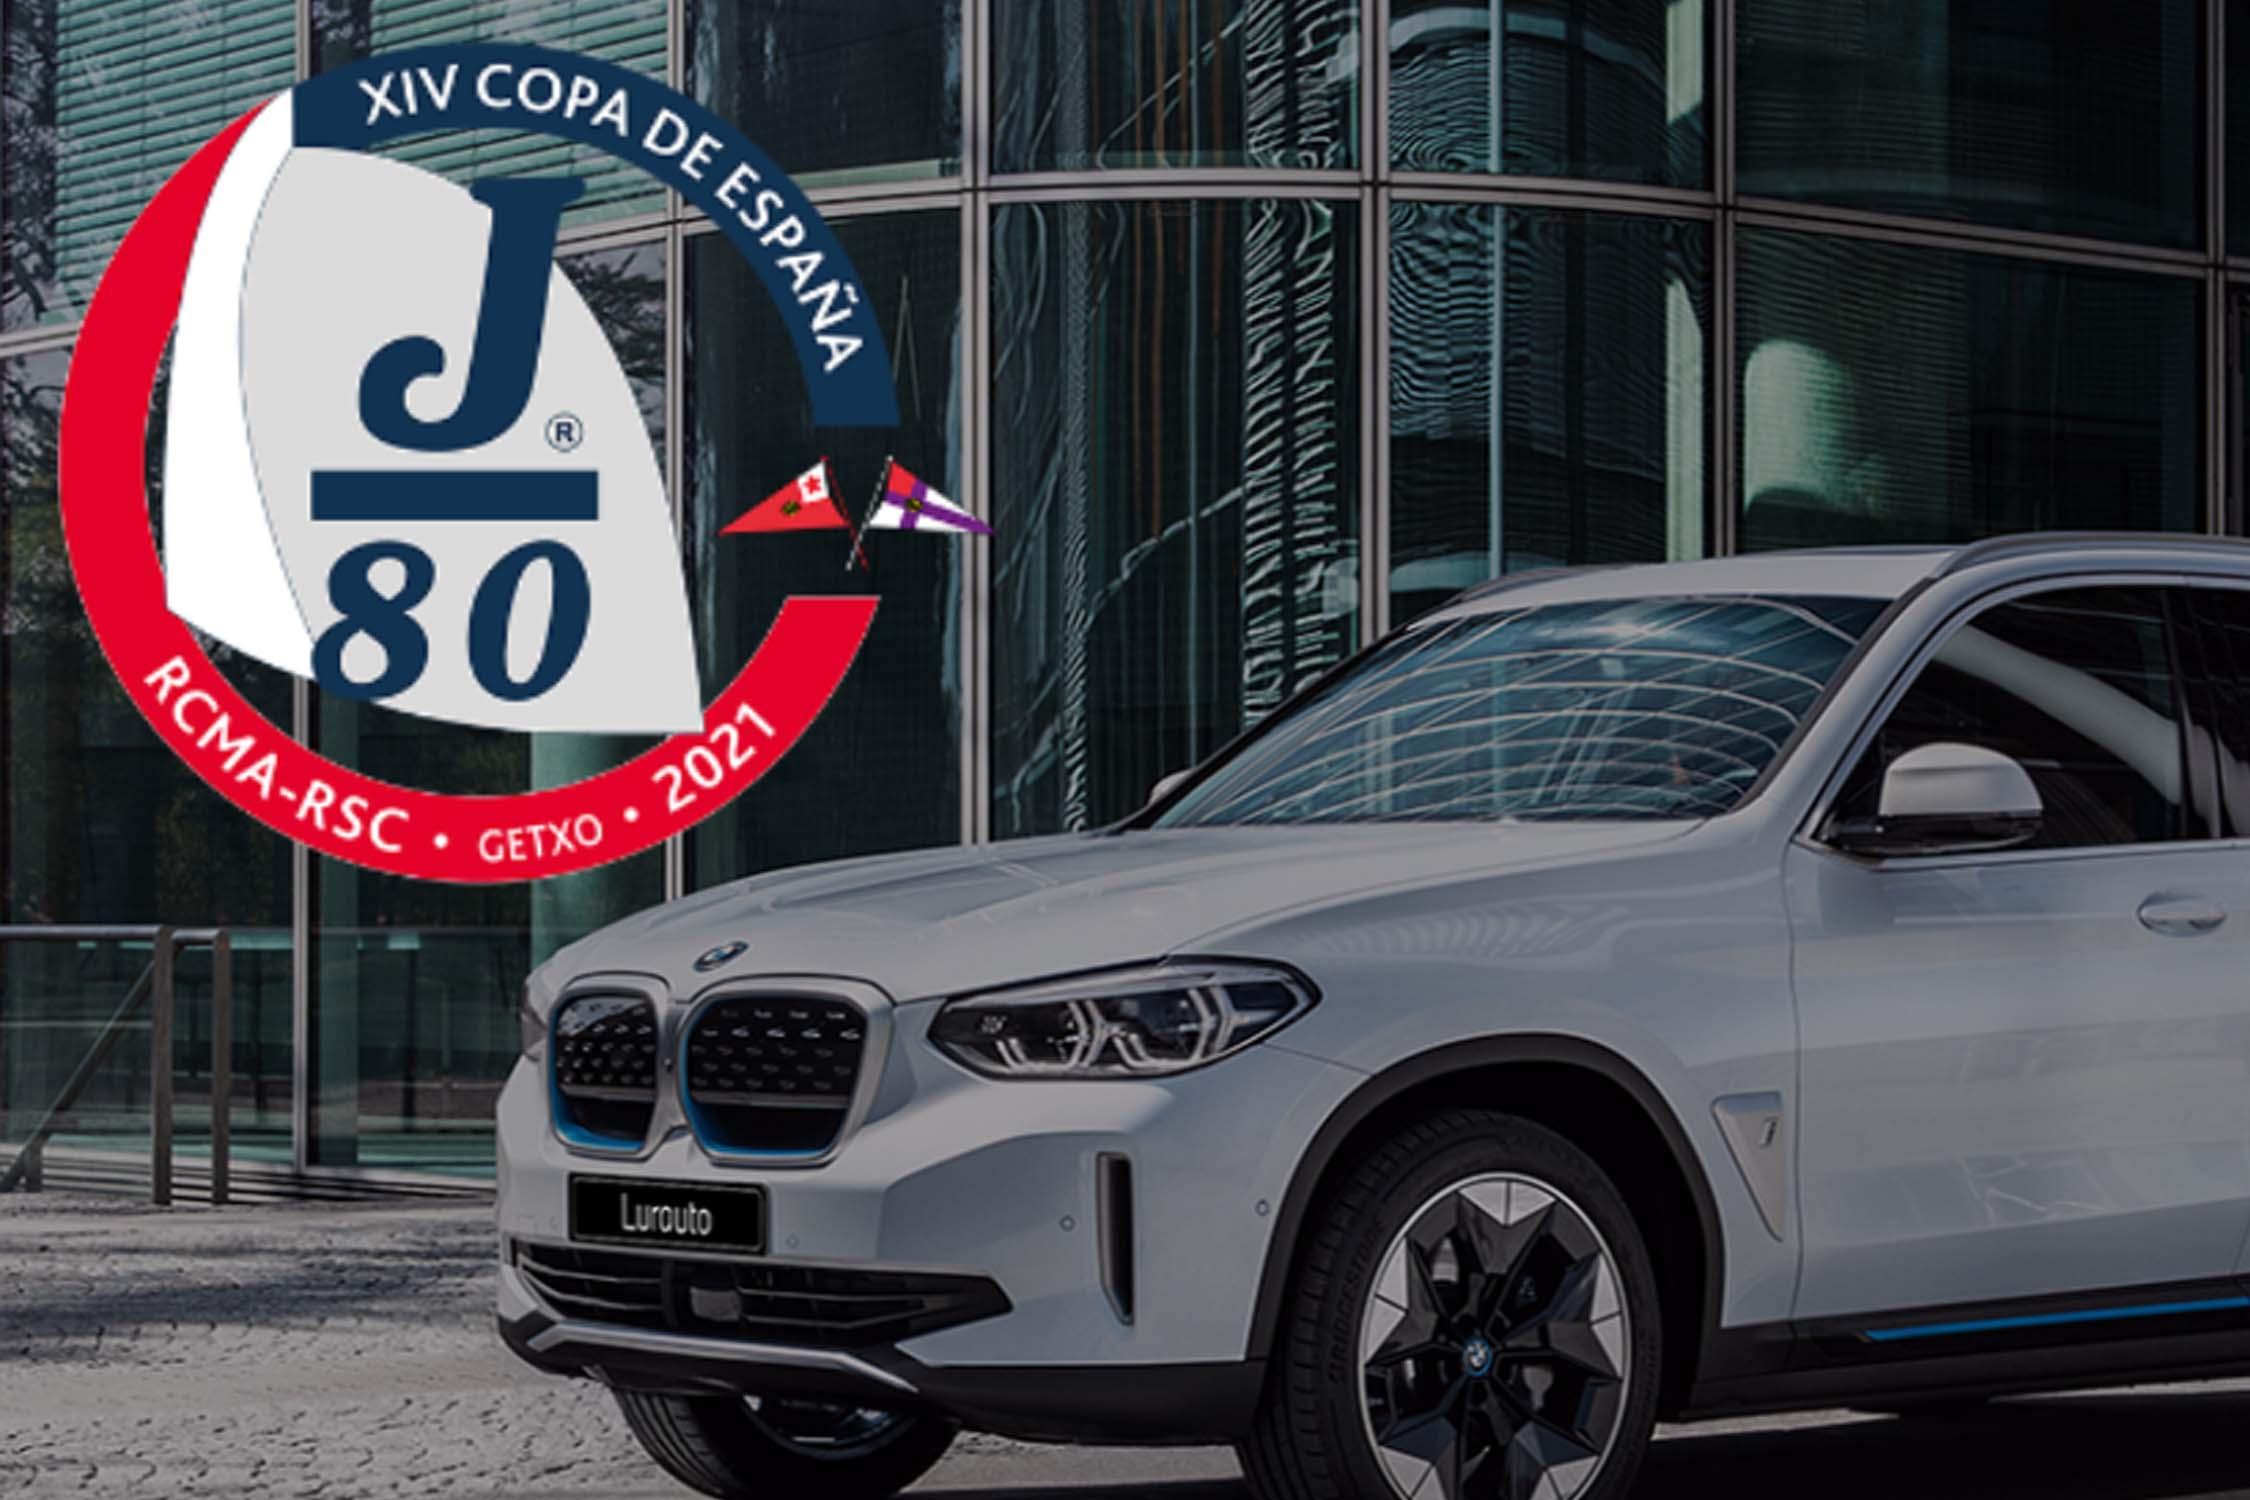 BMW Lurauto y LEM patrocinadores de la Copa de España de J80 2021